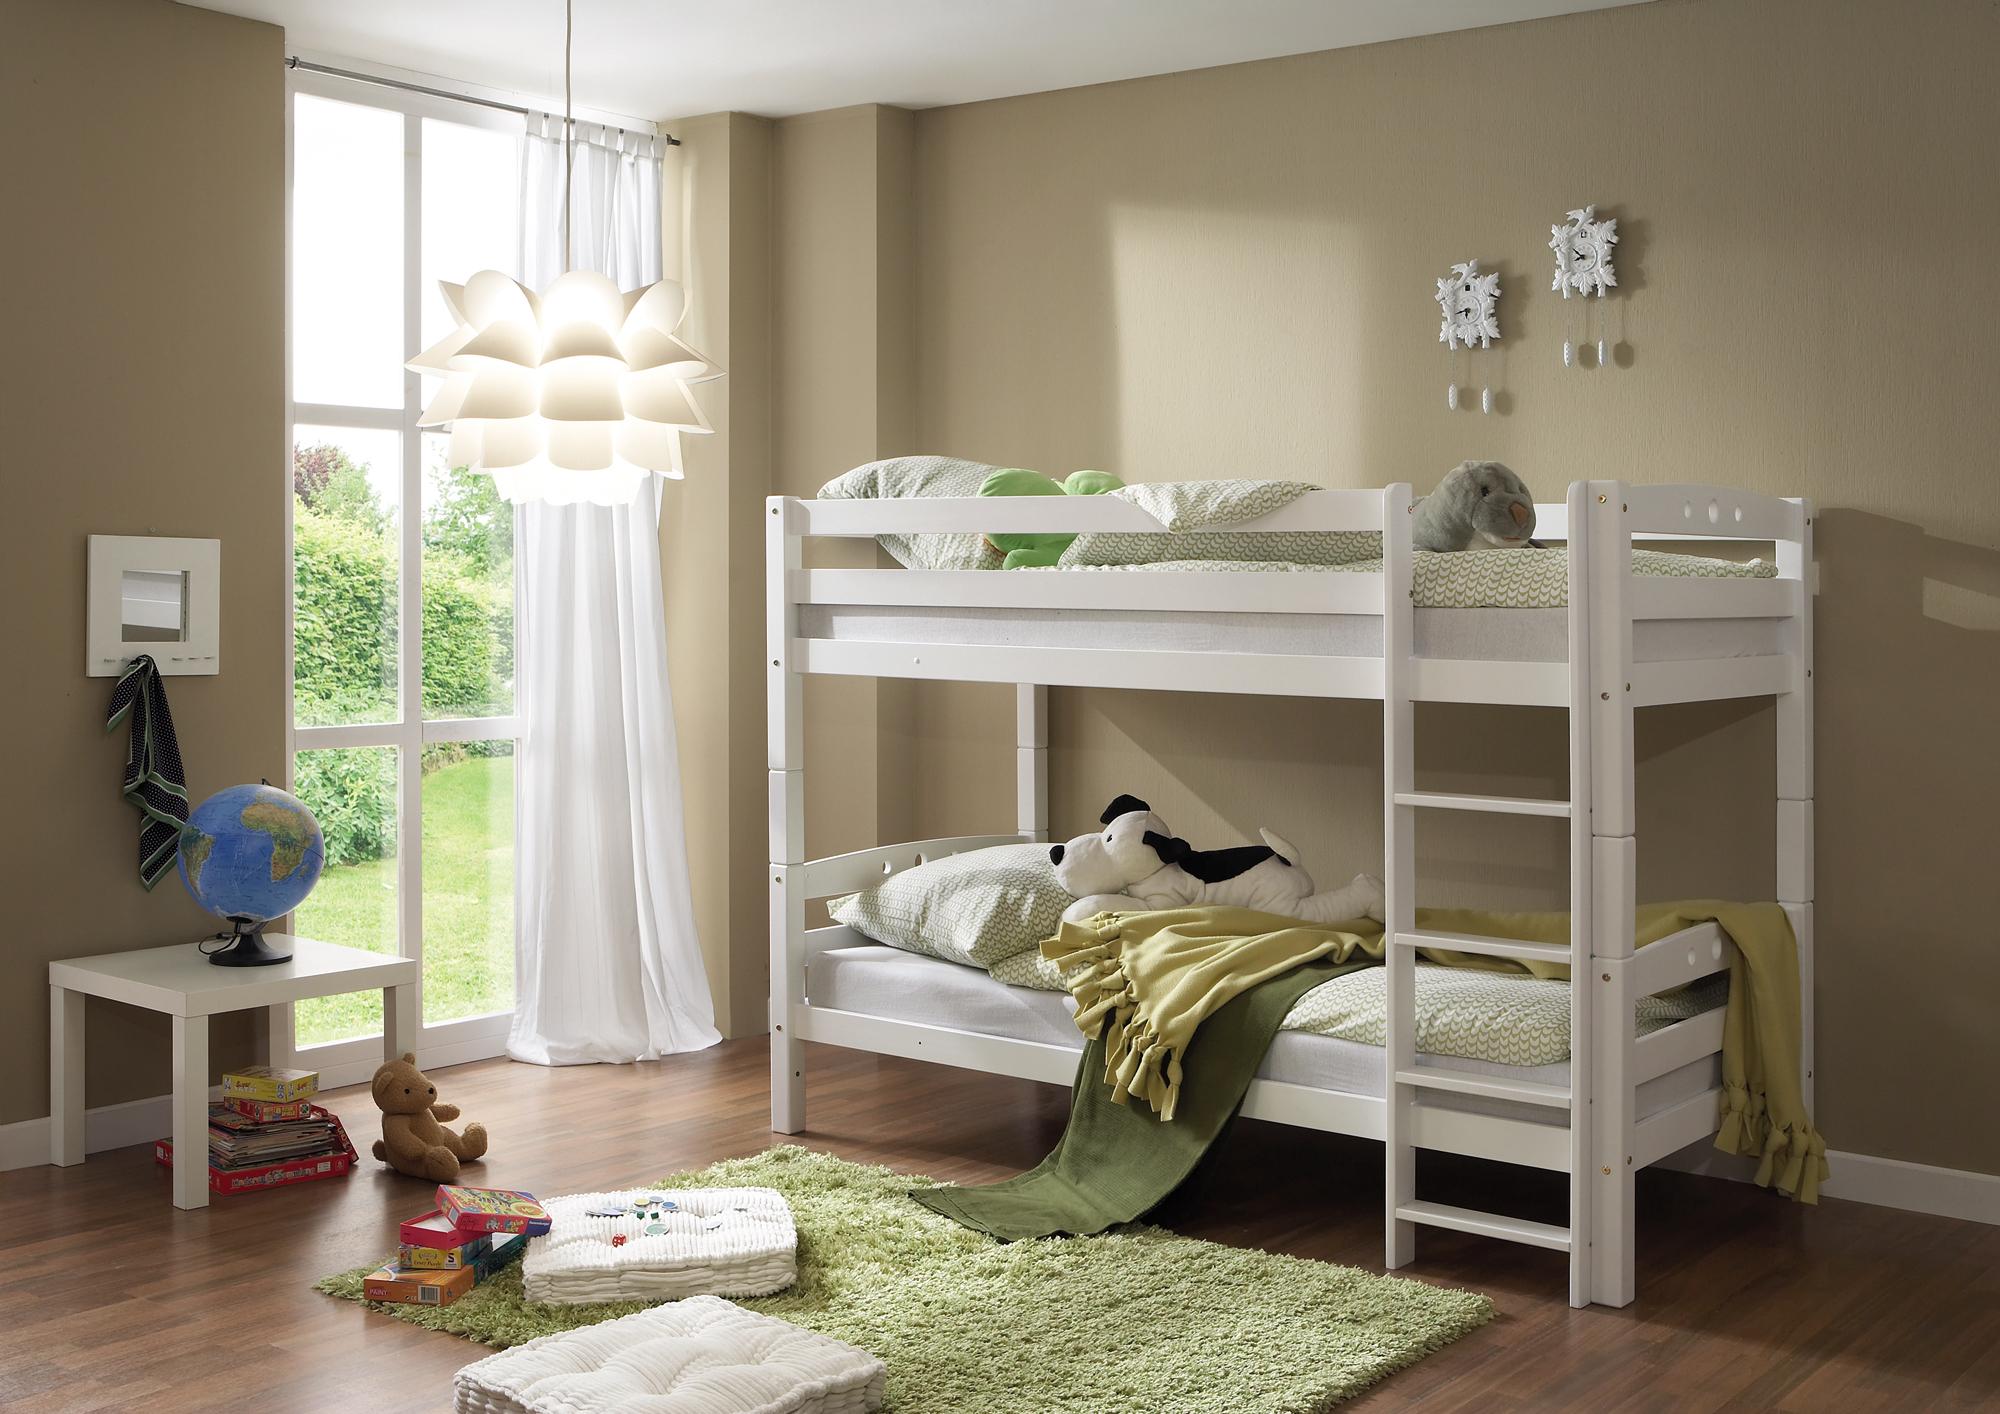 Etagenbett Weiss Buche Massiv : Bettkasten für etagenbett lukas buche vollholz massiv weiß